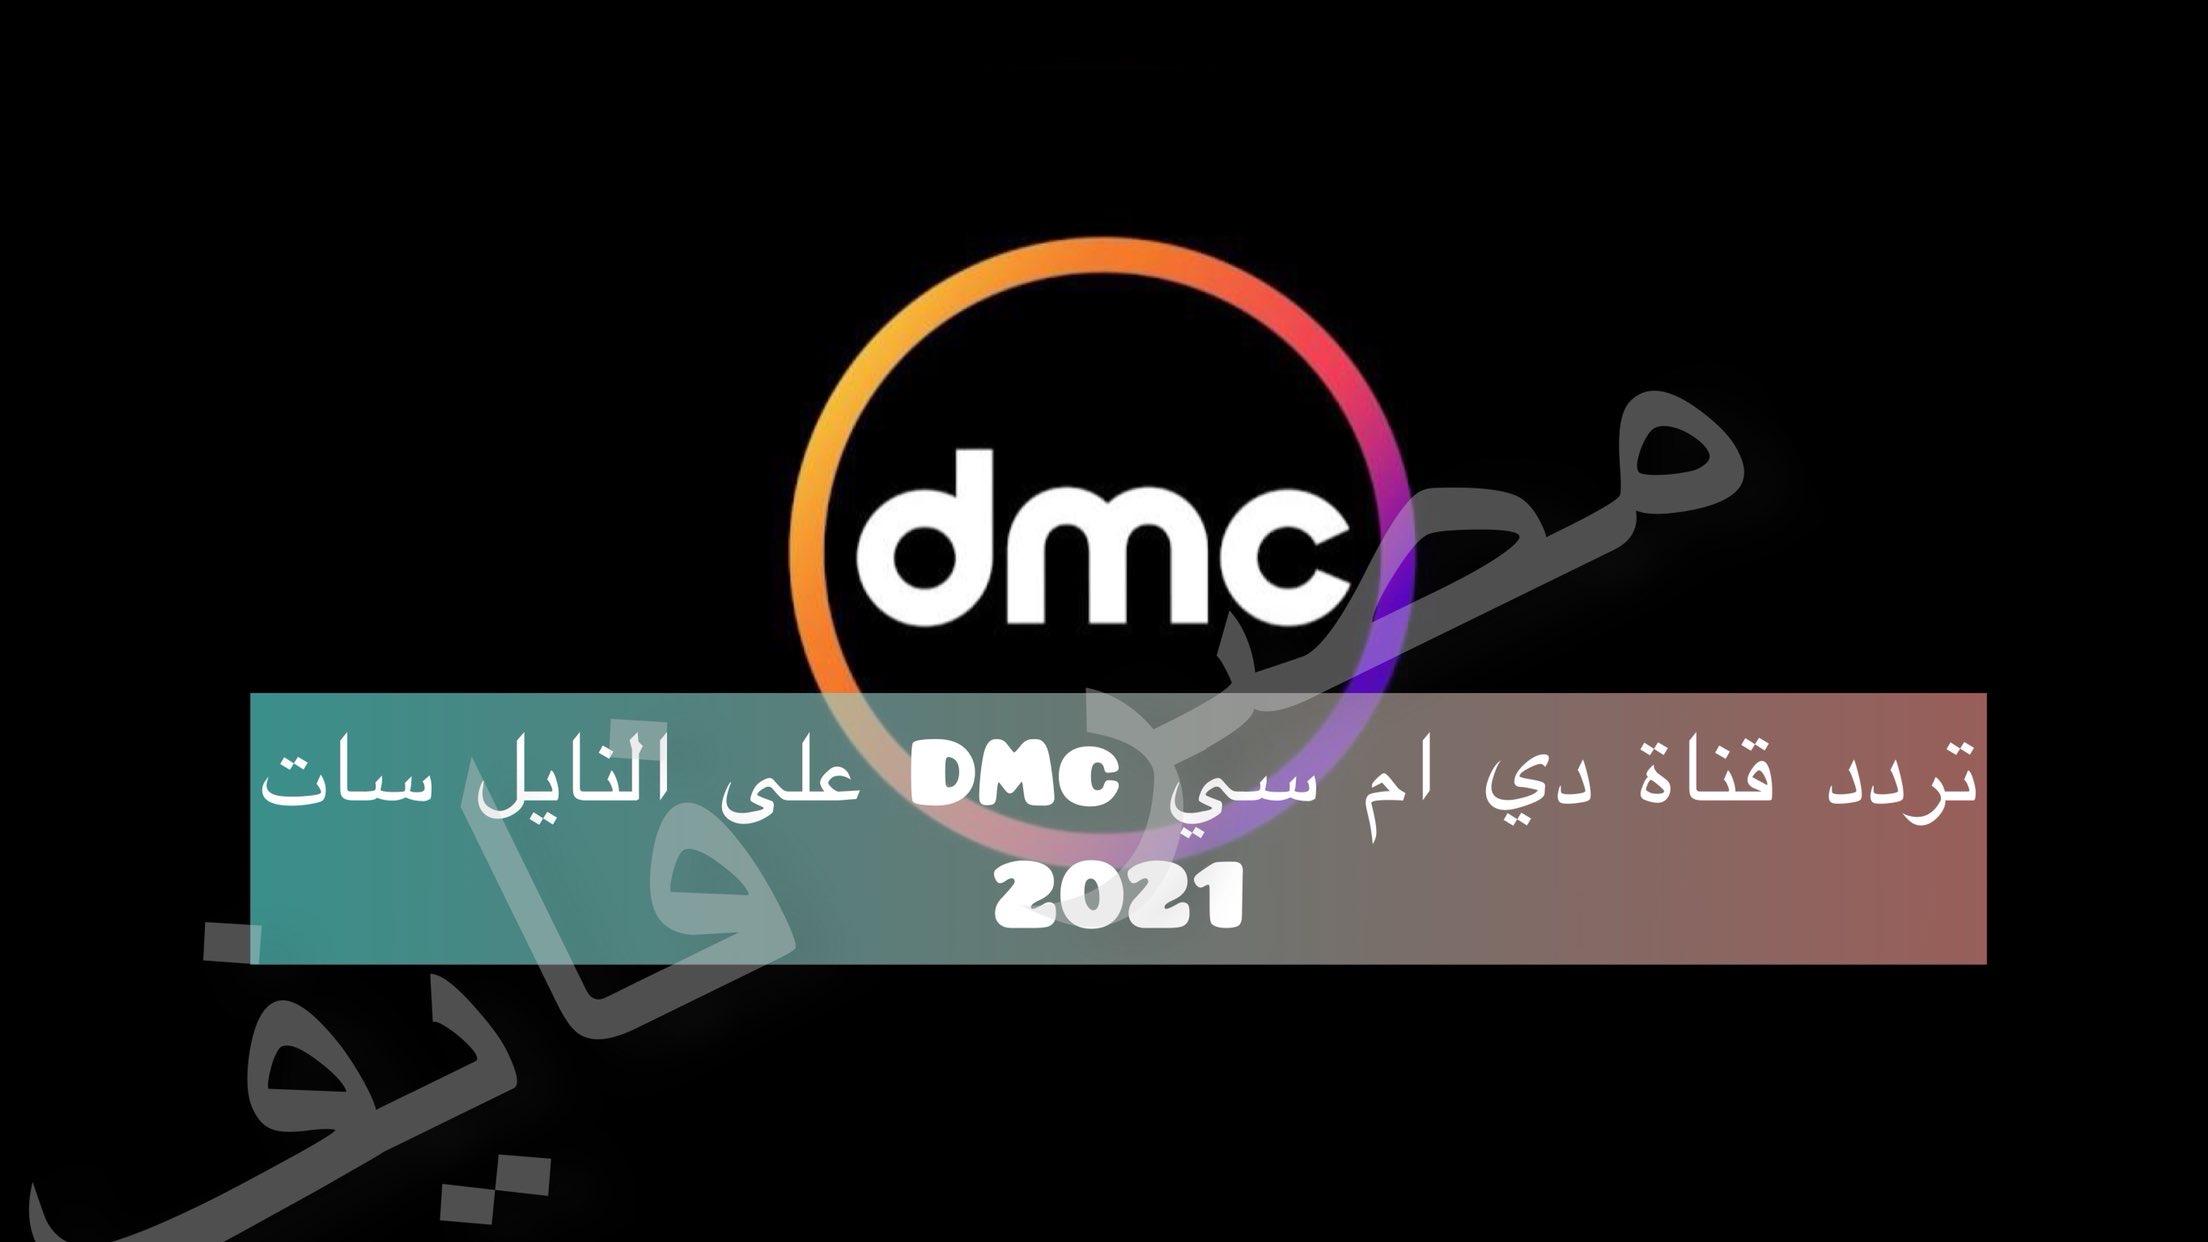 تردد قناة دي ام سي DMC على النايل سات ومتابعة أقوي البرامج الحصرية 2021